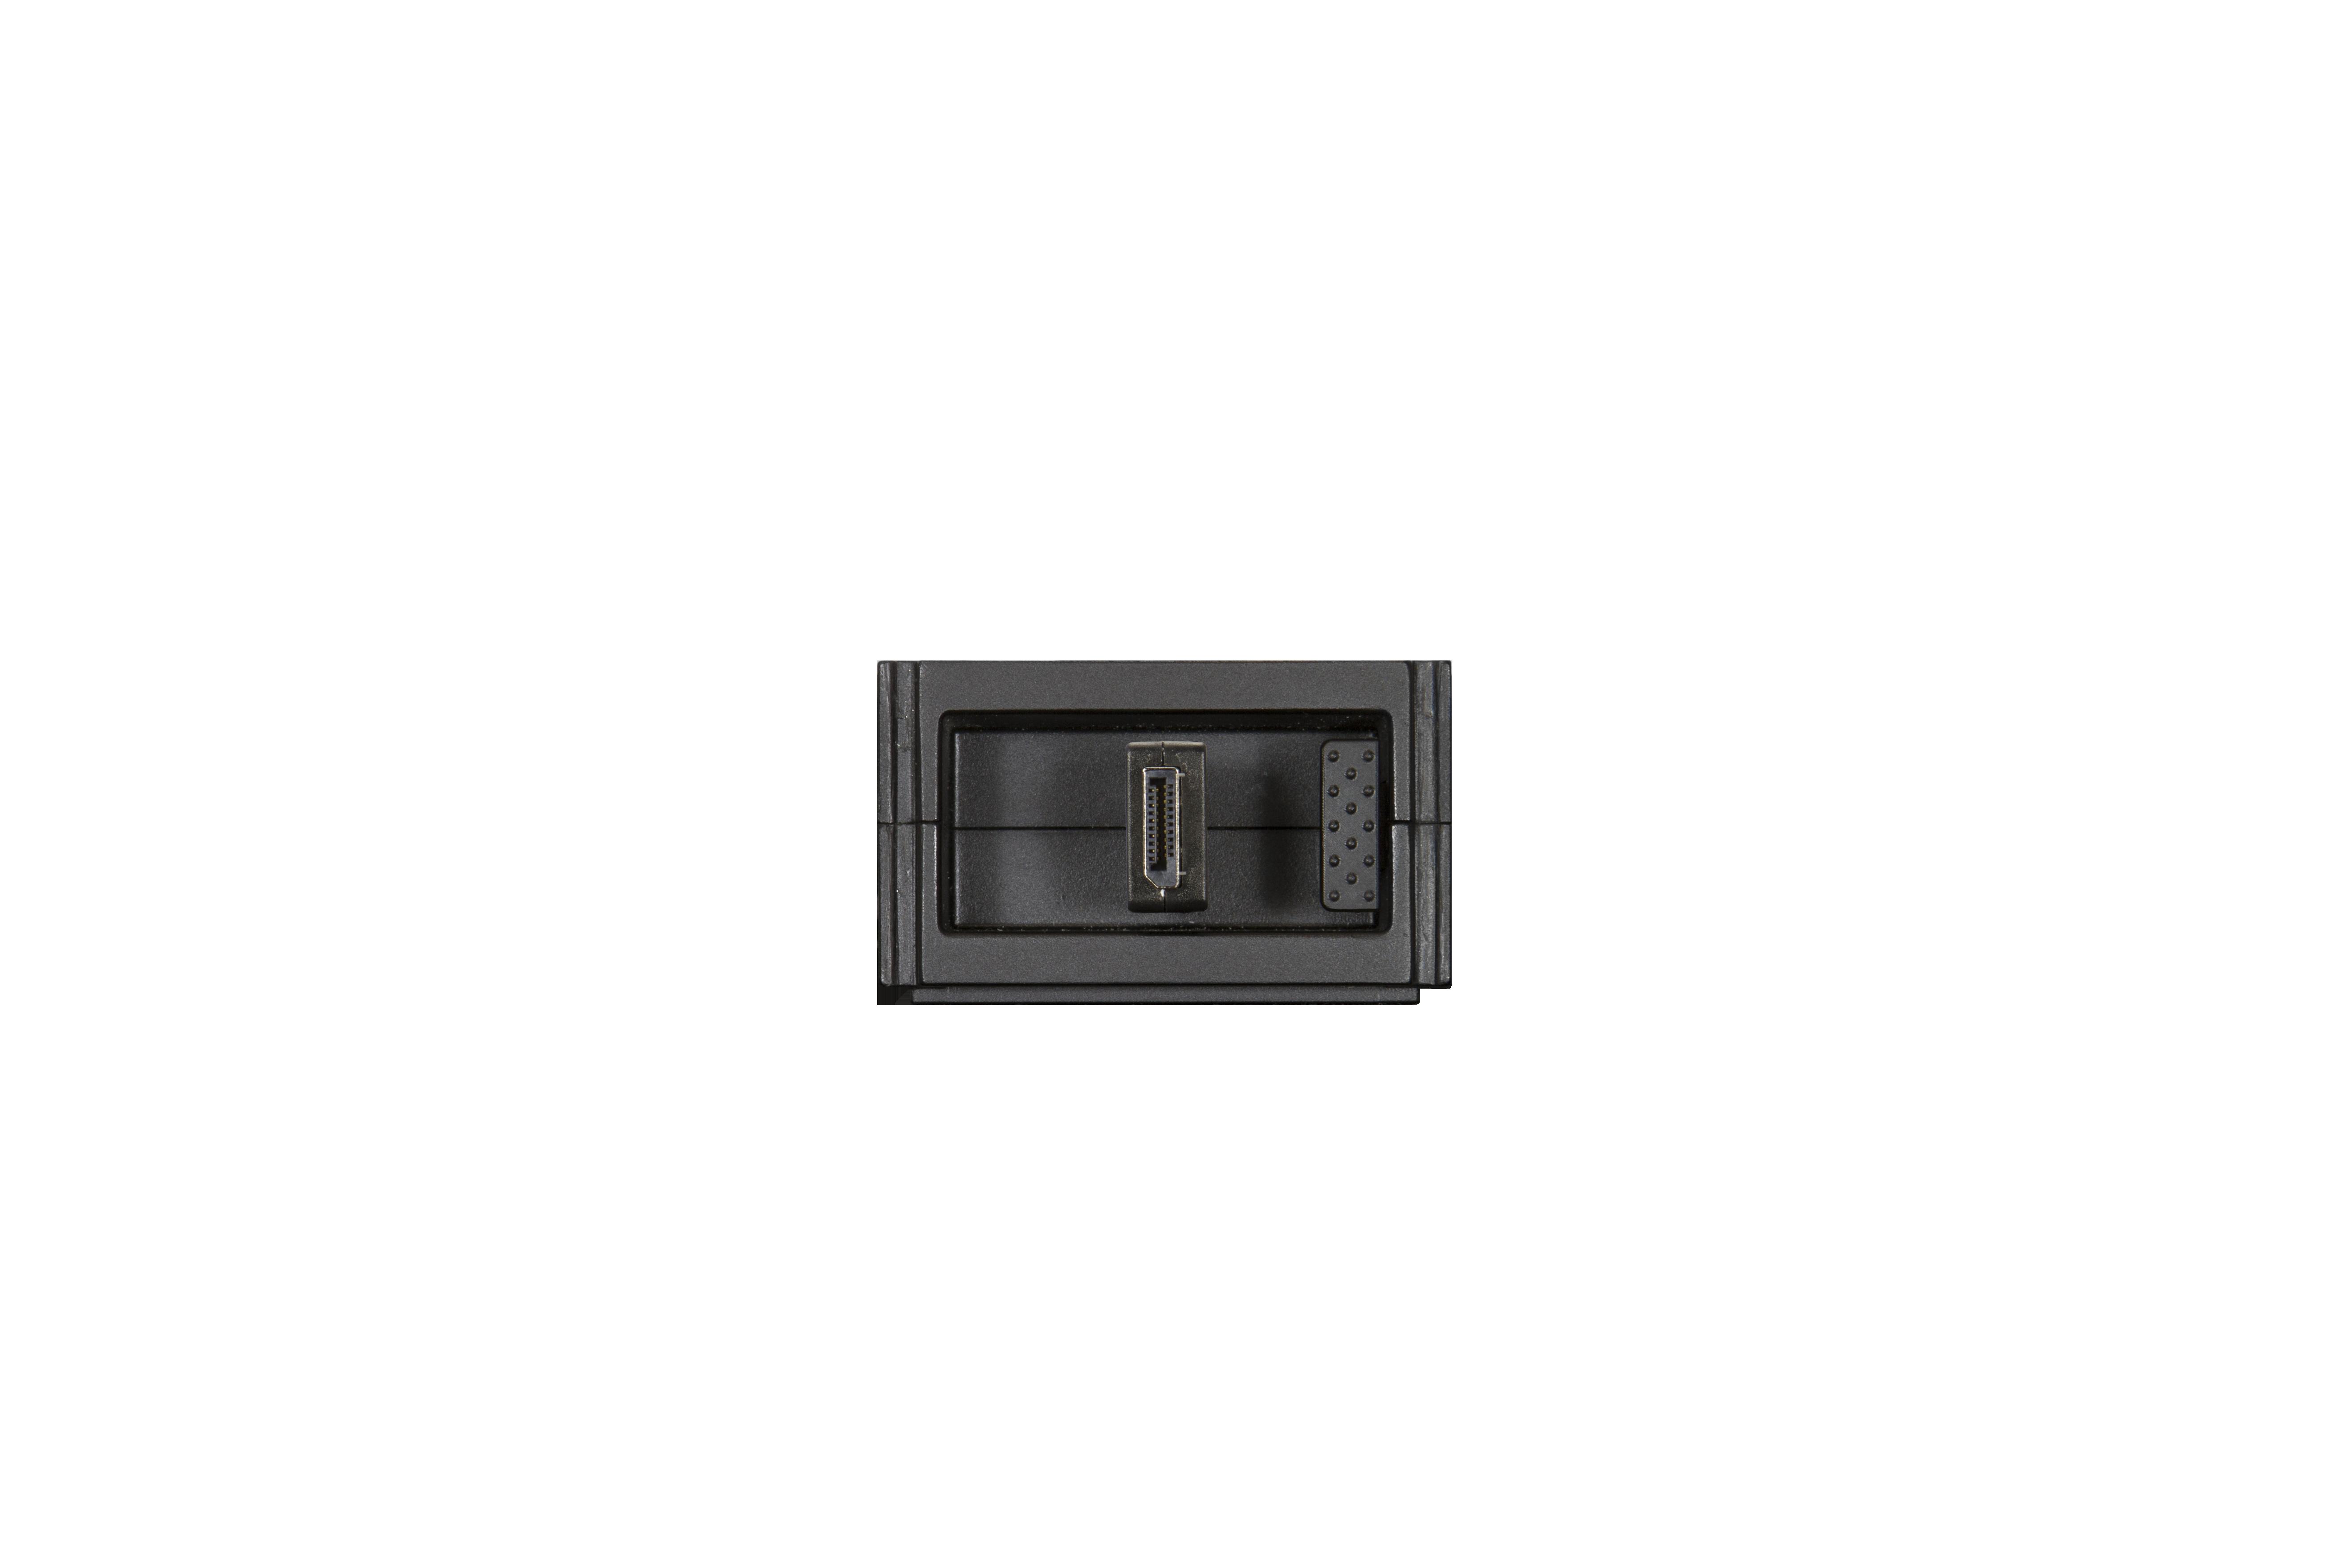 HPX-AV101-DP-R Front